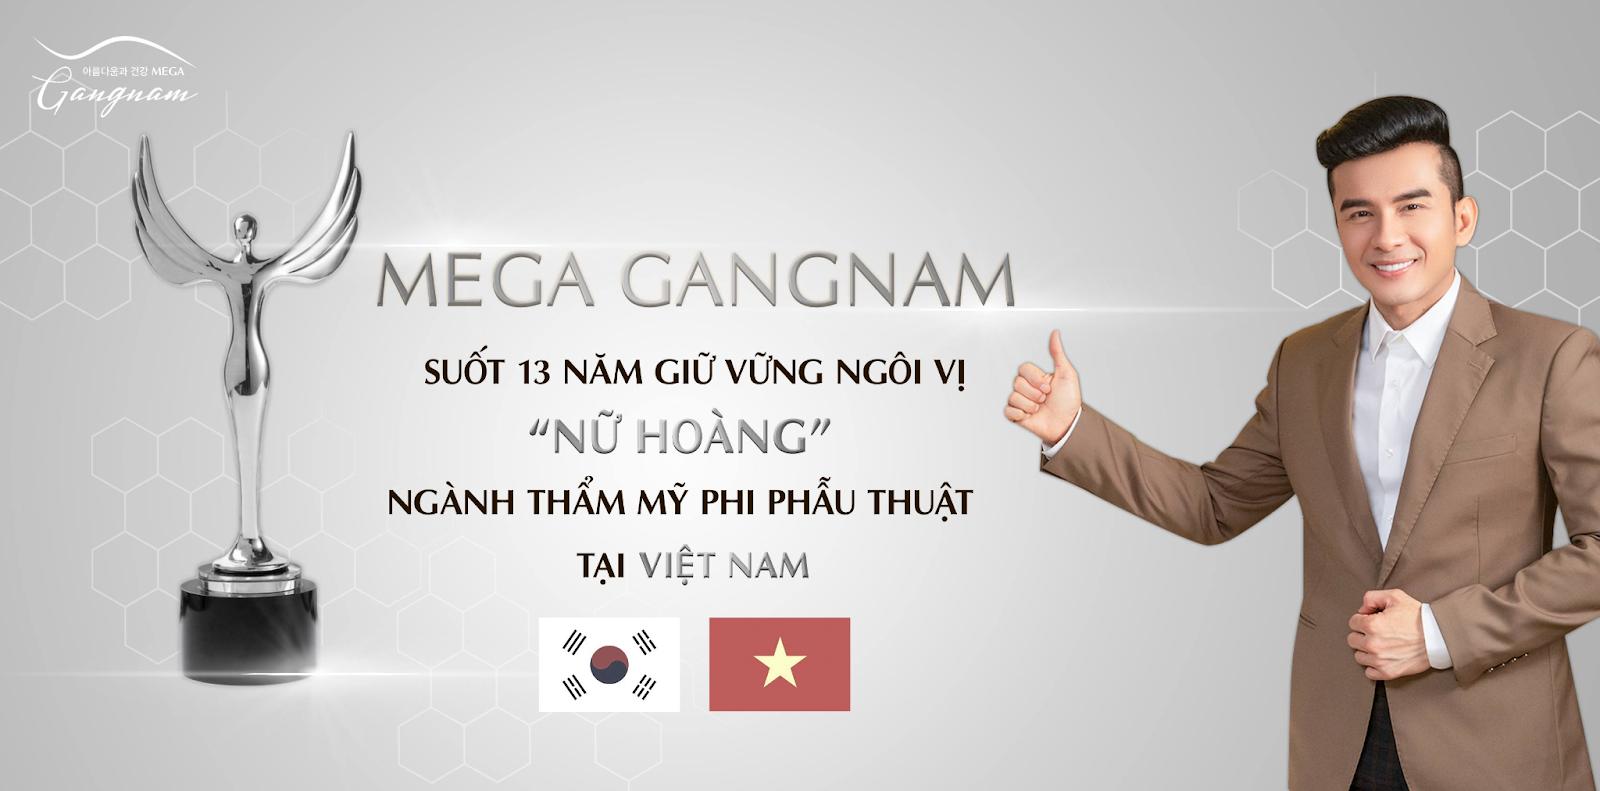 Công nghệ làm đẹp hiện đại tại thẩm mỹ viện Mega Gangnam